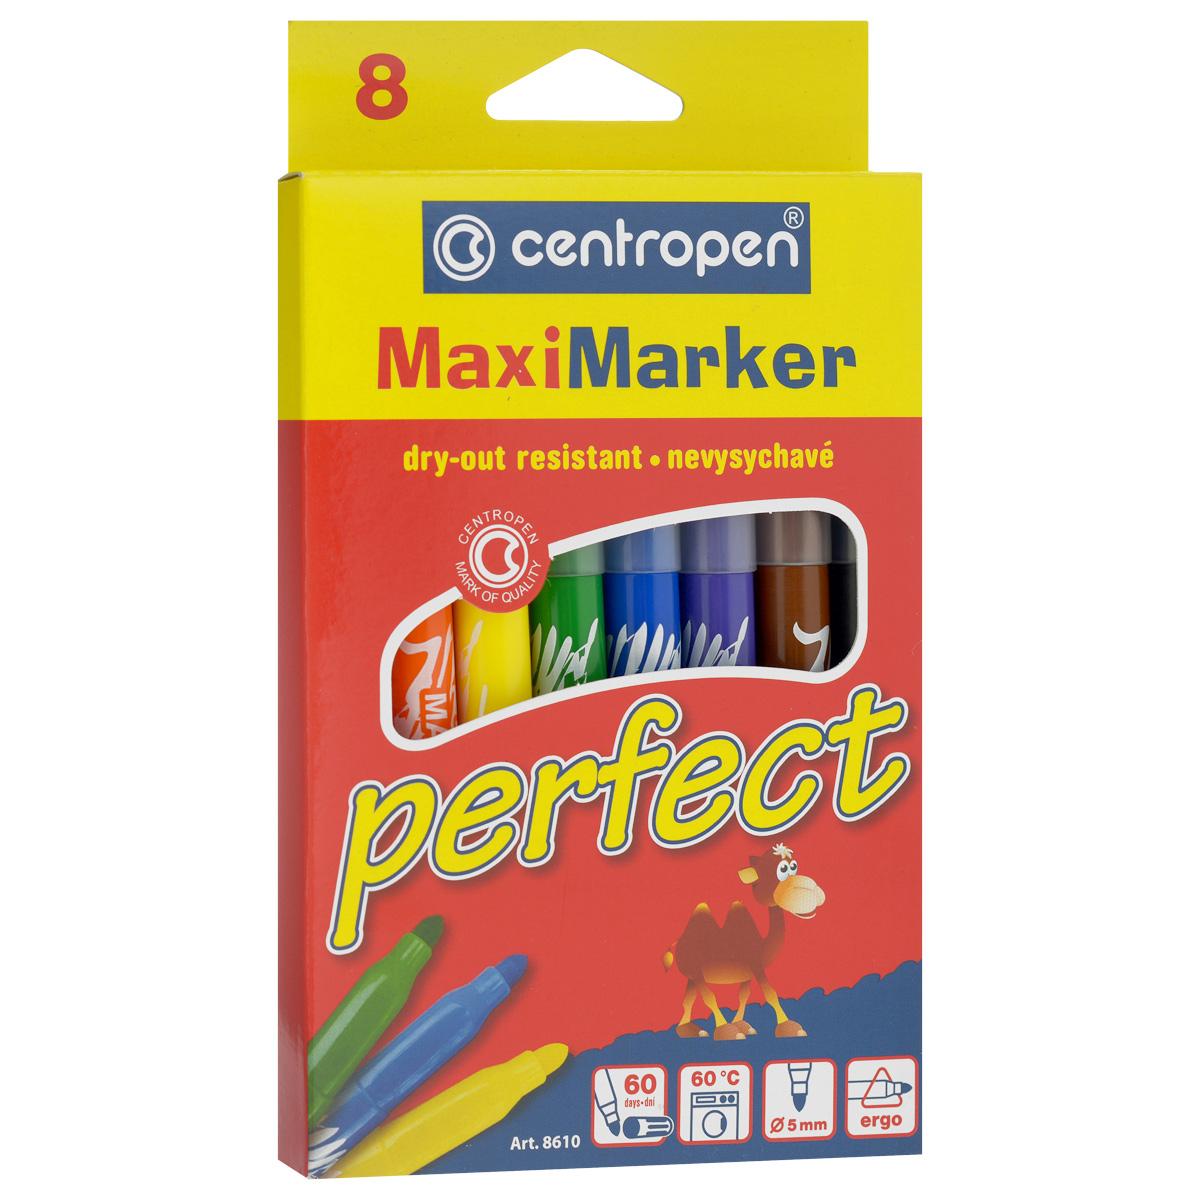 Фломастеры Centropen Perfect, устойчивые к высыханию, 8 цветов610842Фломастеры Centropen Perfect - идеальный инструмент для творчества маленького художника!Корпусы фломастеров выполнены из прочного пластика соответствующих цветов.Фломастеры имеют яркие насыщенными цветами и легко ложатся на бумагу. Вентилируемые колпачки фломастеров снабжены специальными отверстиями. Фломастеры устойчивы к высыханию, а корпус увеличенного размера обеспечит удобство при рисовании. Всего в наборе 8 фломастеров желтого, оранжевого, синего, зеленого, красного, фиолетового и черного цветов. Рисование знакомит ребенка с цветами и формами, и положительно влияет на настроение детей. Кроме того, оно развивает мелкую моторику, воображение и творческое мышление.